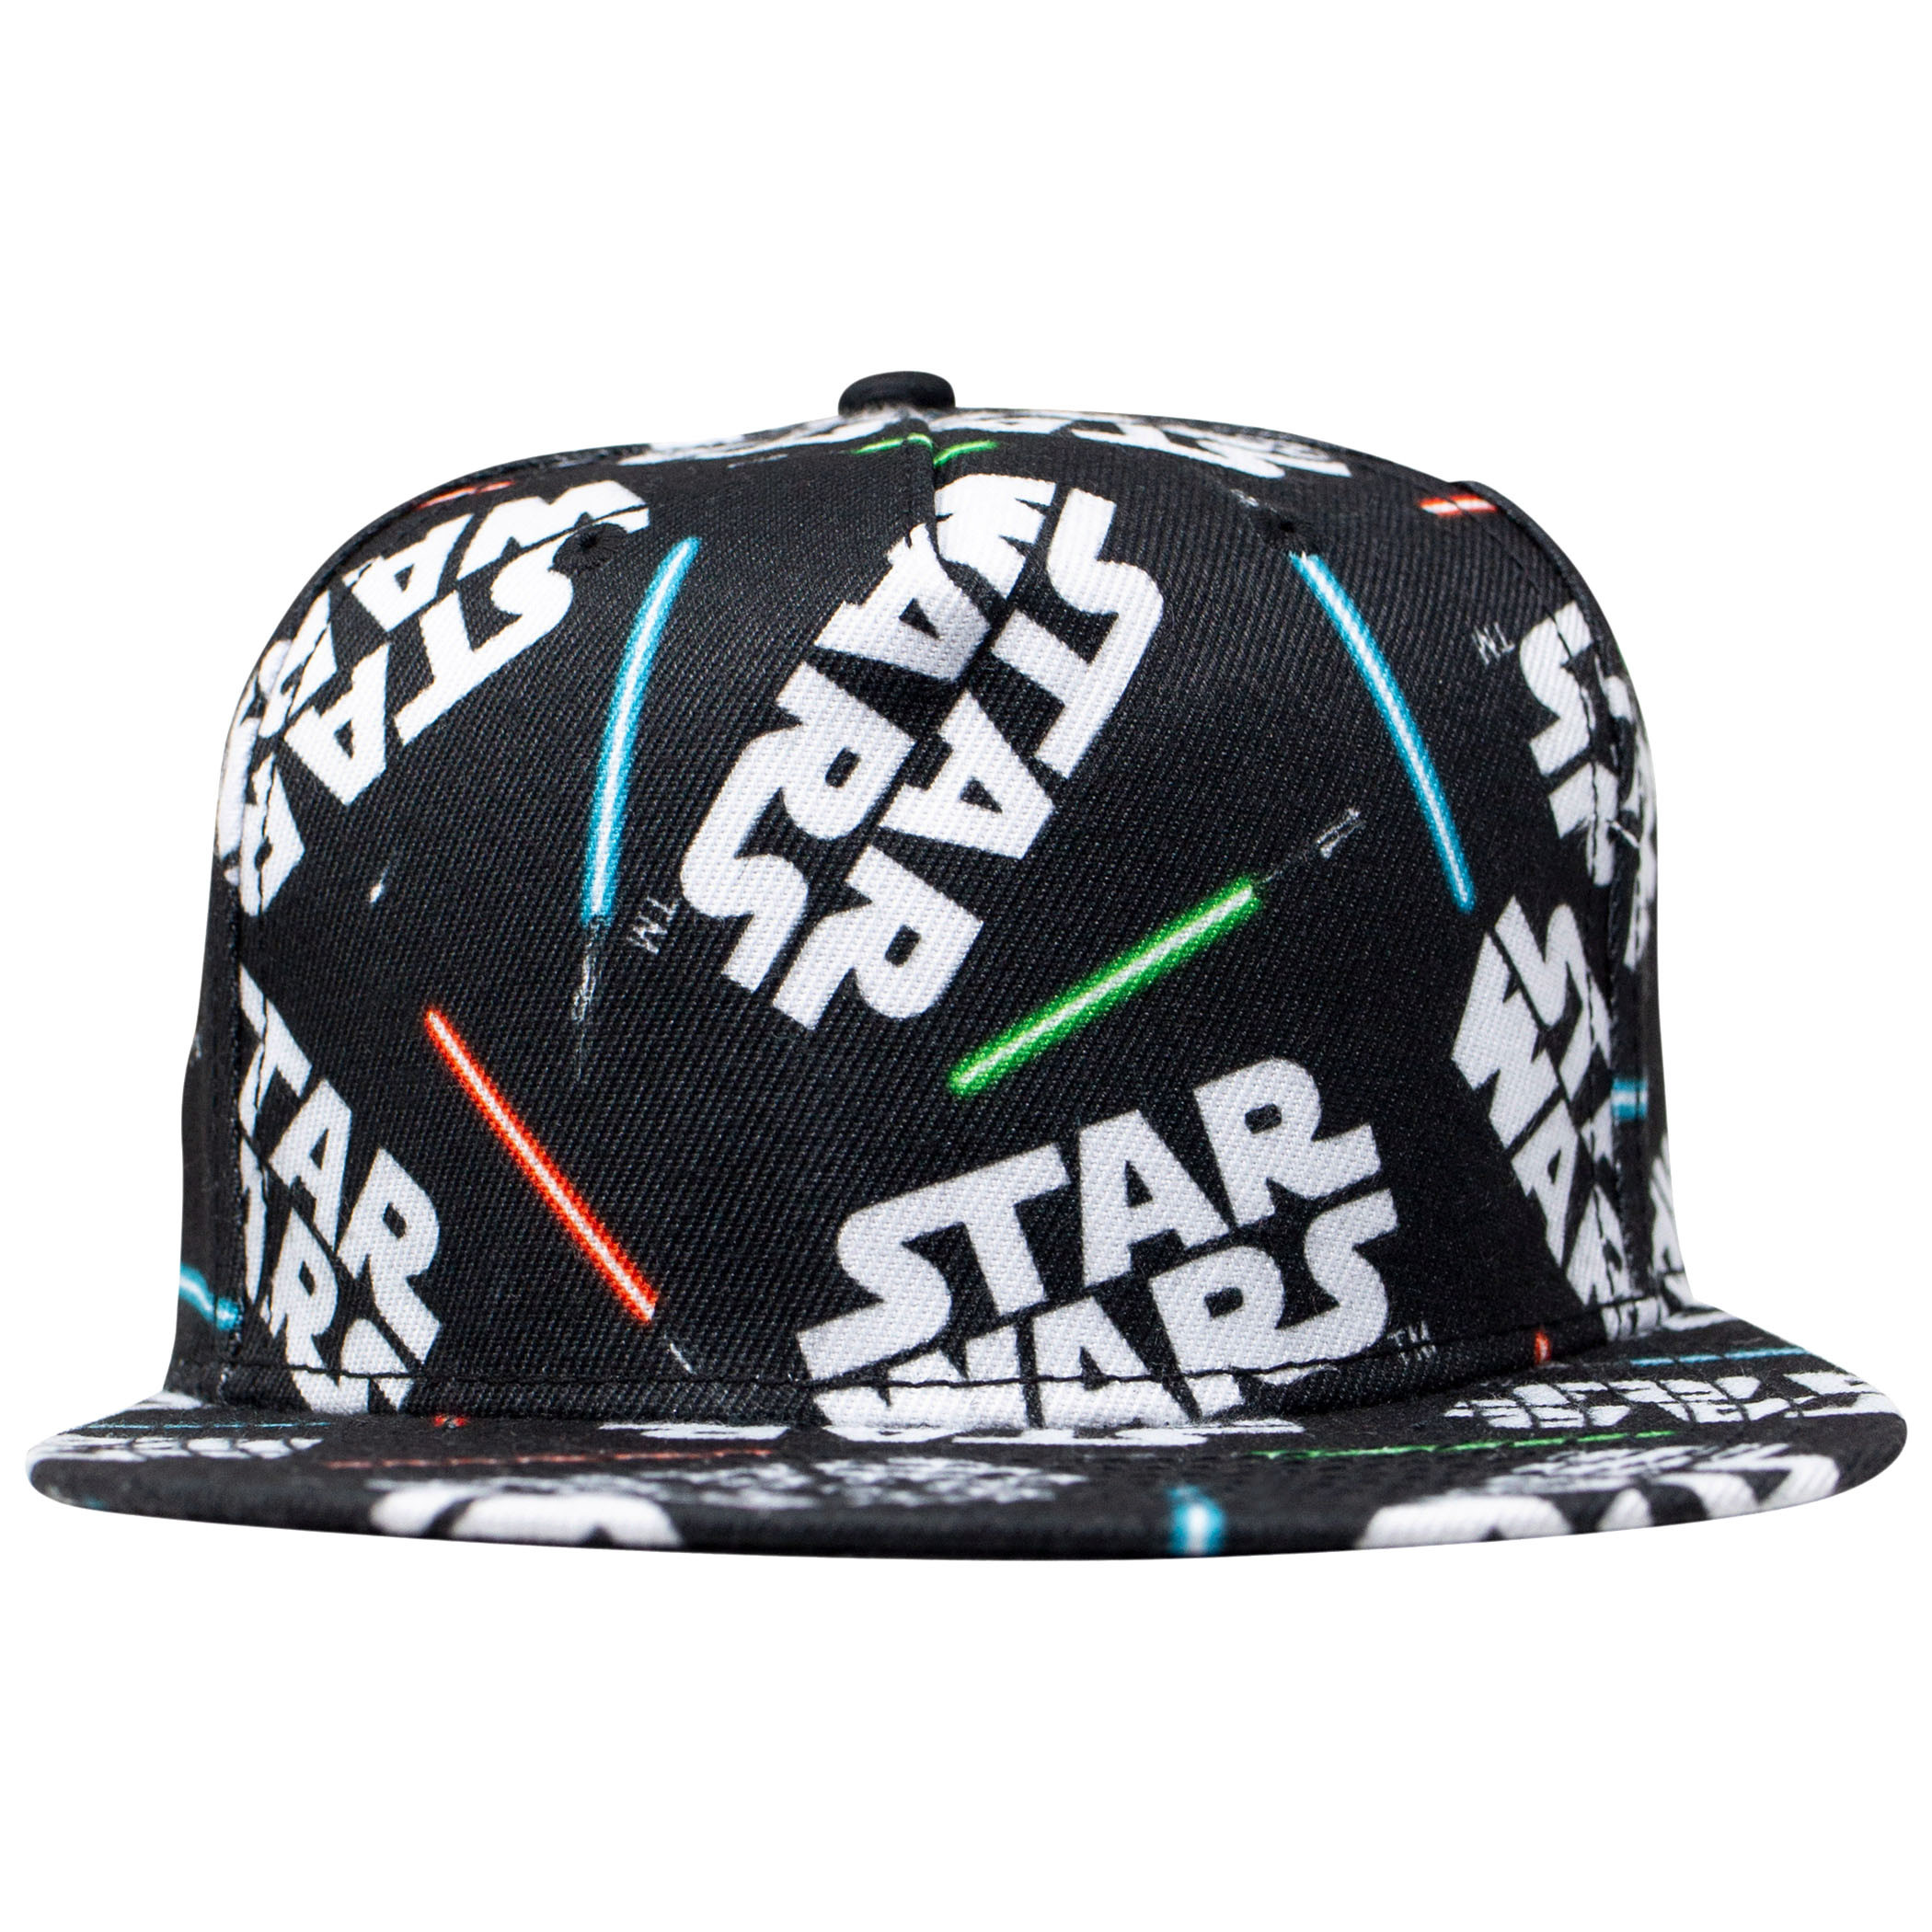 Star Wars All Over Lightsaber Print Snapback Hat